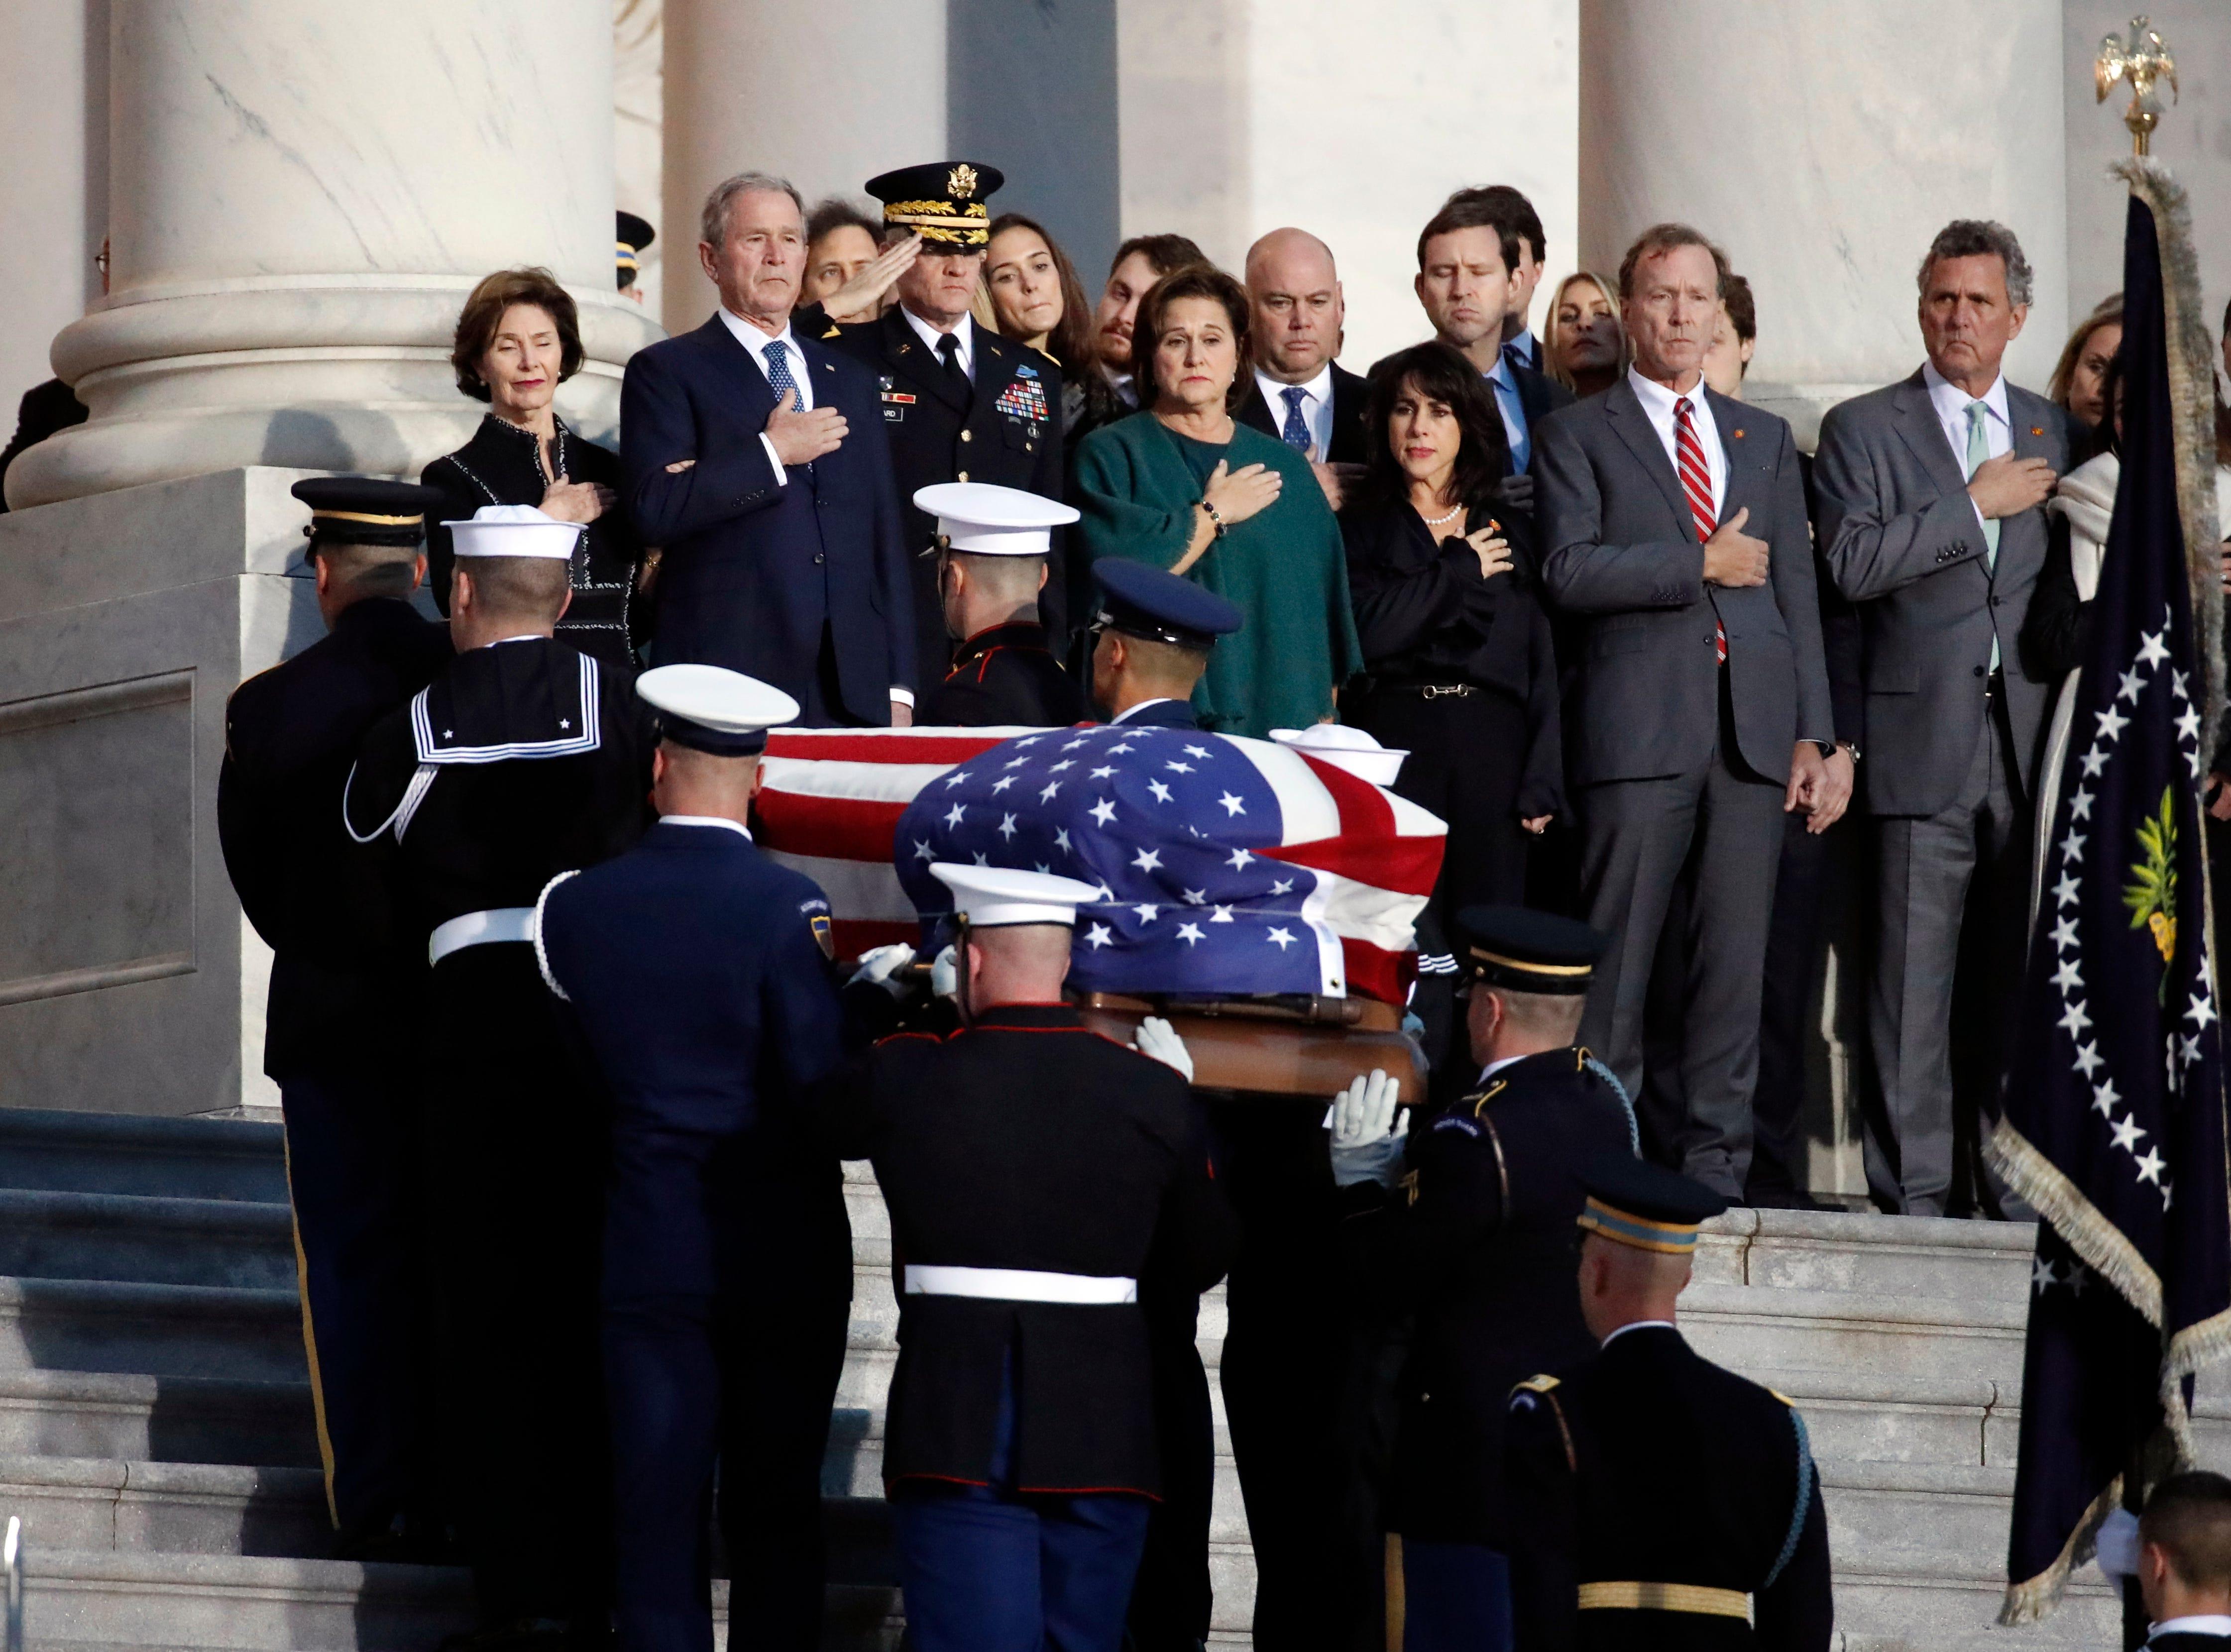 La ex primera dama Laura Bush (L), el ex presidente de los EE. UU. George W. Bush (L) y otros miembros de la familia observan cómo un equipo de la guardia de honor militar lleva el cofre del ex presidente de los EE. UU., George H.W. Bush entró en el Capitolio de los Estados Unidos el 3 de diciembre de 2018 en Washington, DC.